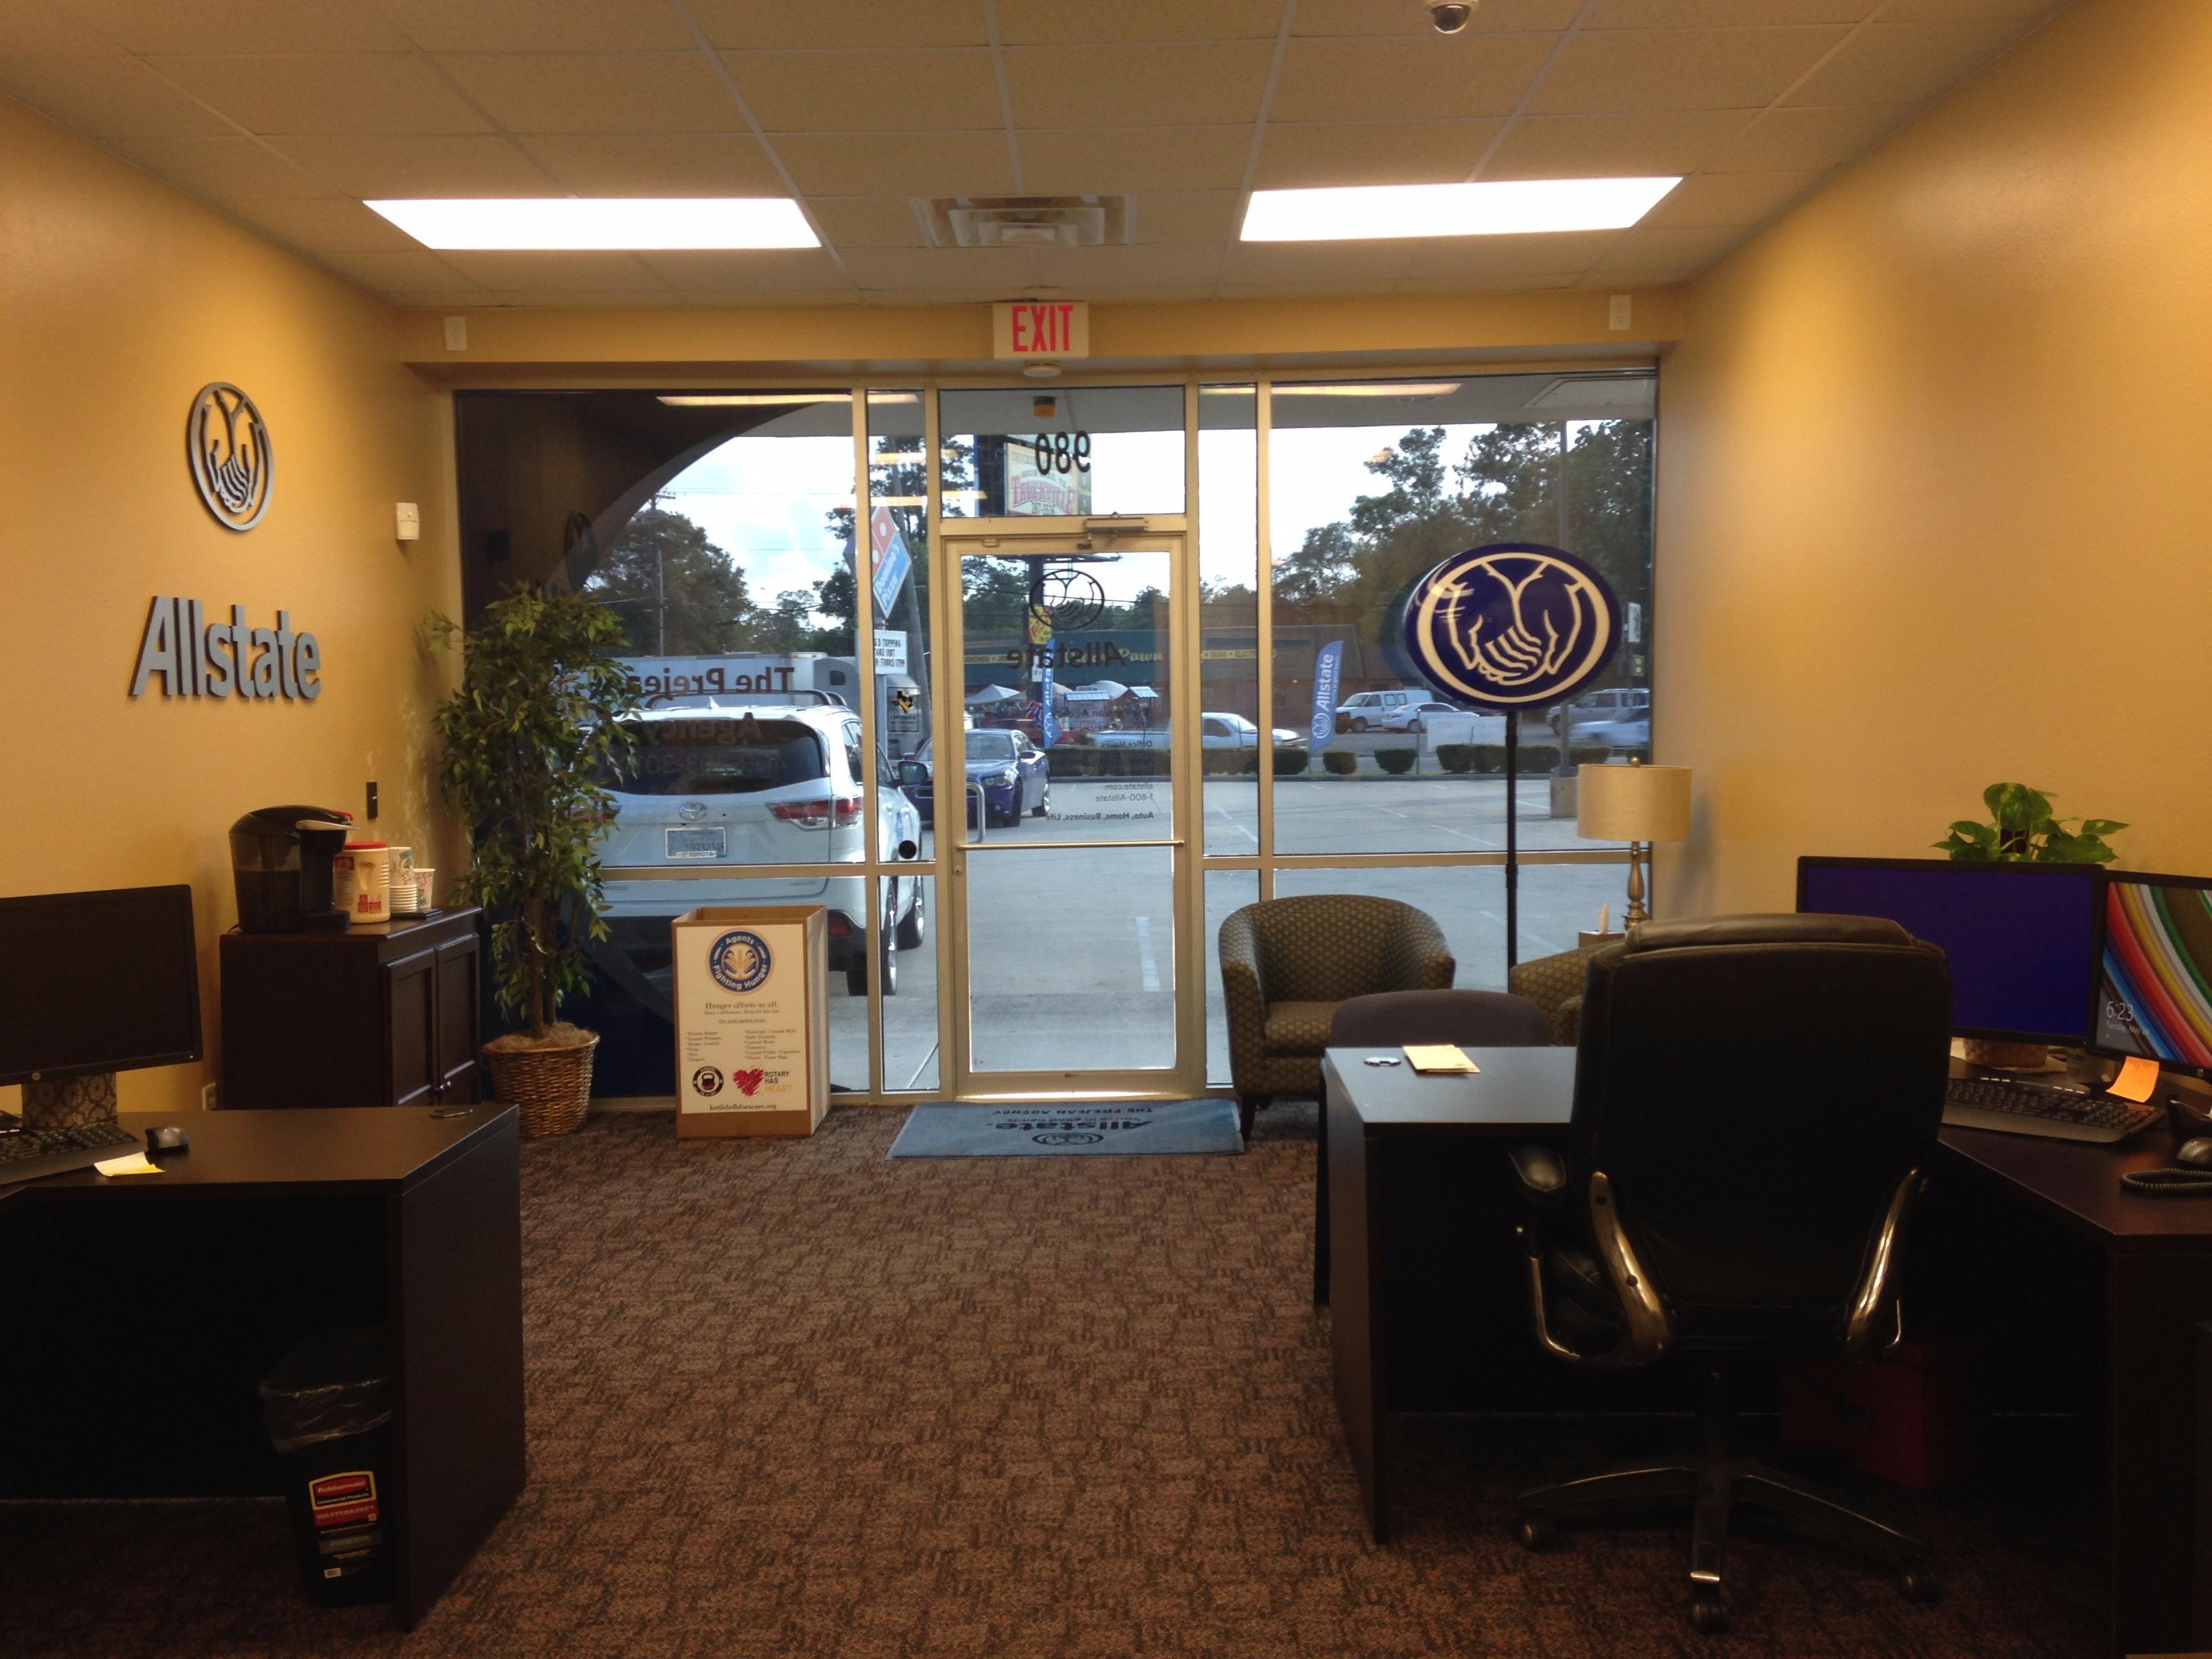 Sarah Prejean: Allstate Insurance image 2